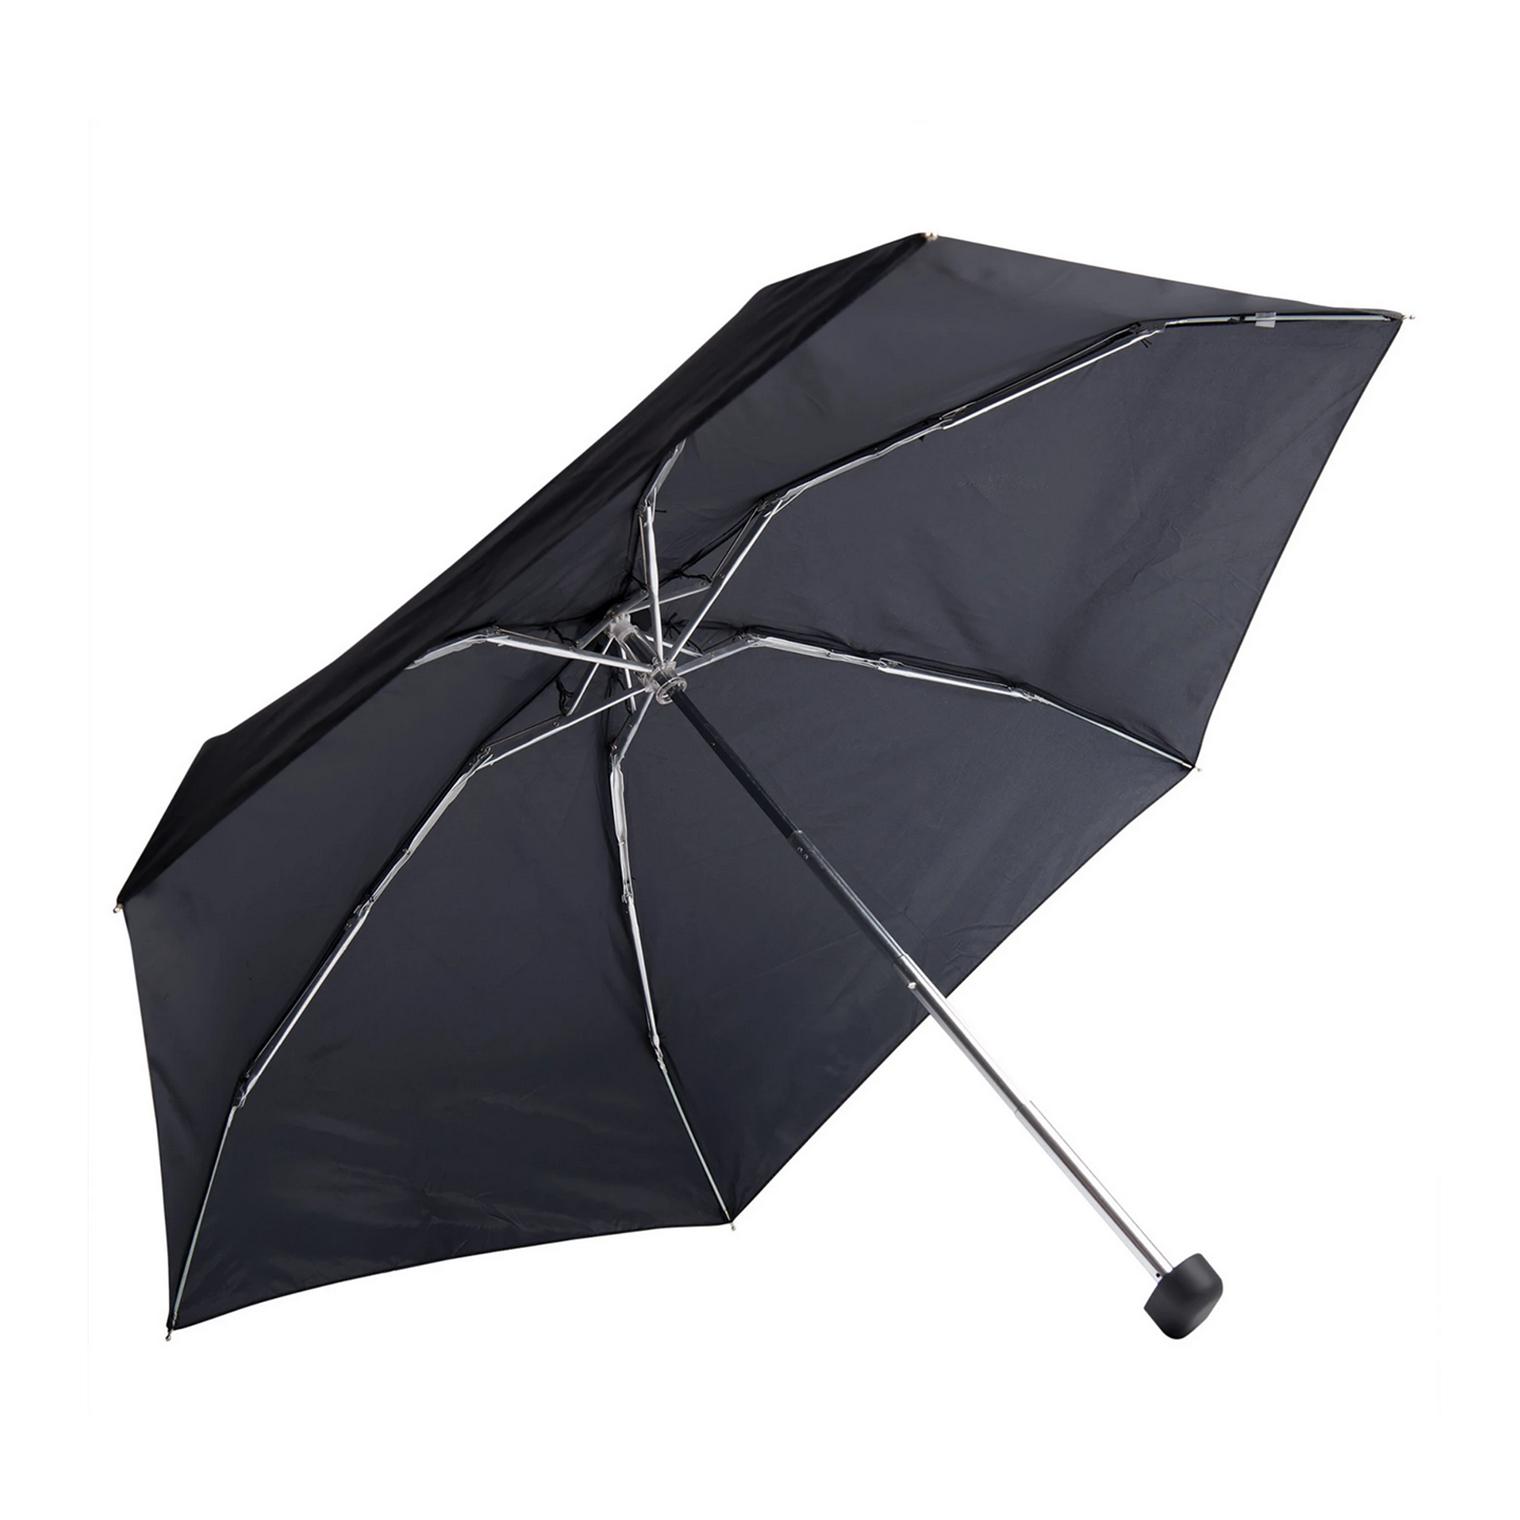 Travelling Light Pocket Umbrella, Black-1